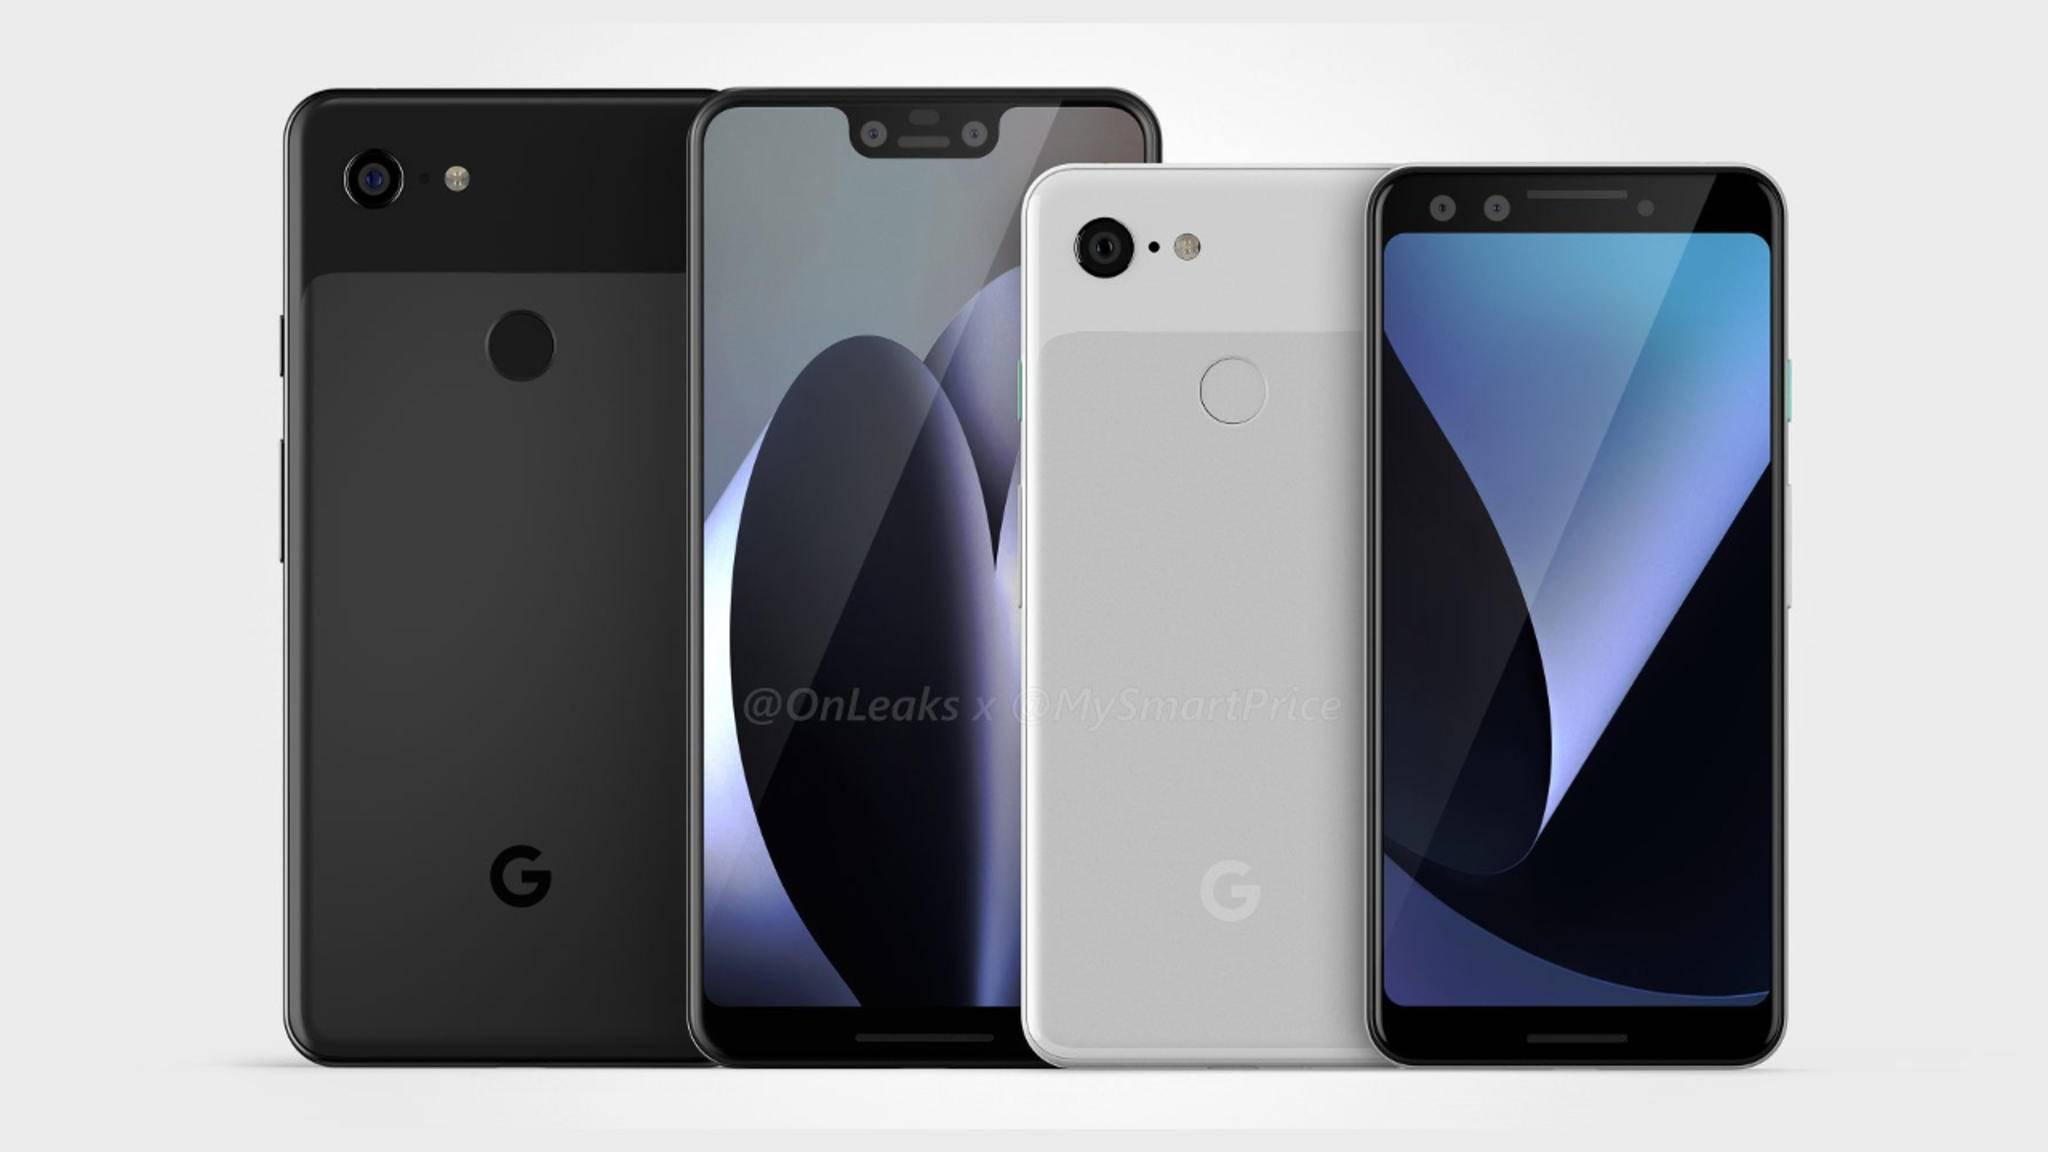 Das Google Pixel 3 XL (im Renderfoto links) kommt vermutlich im Oktober.